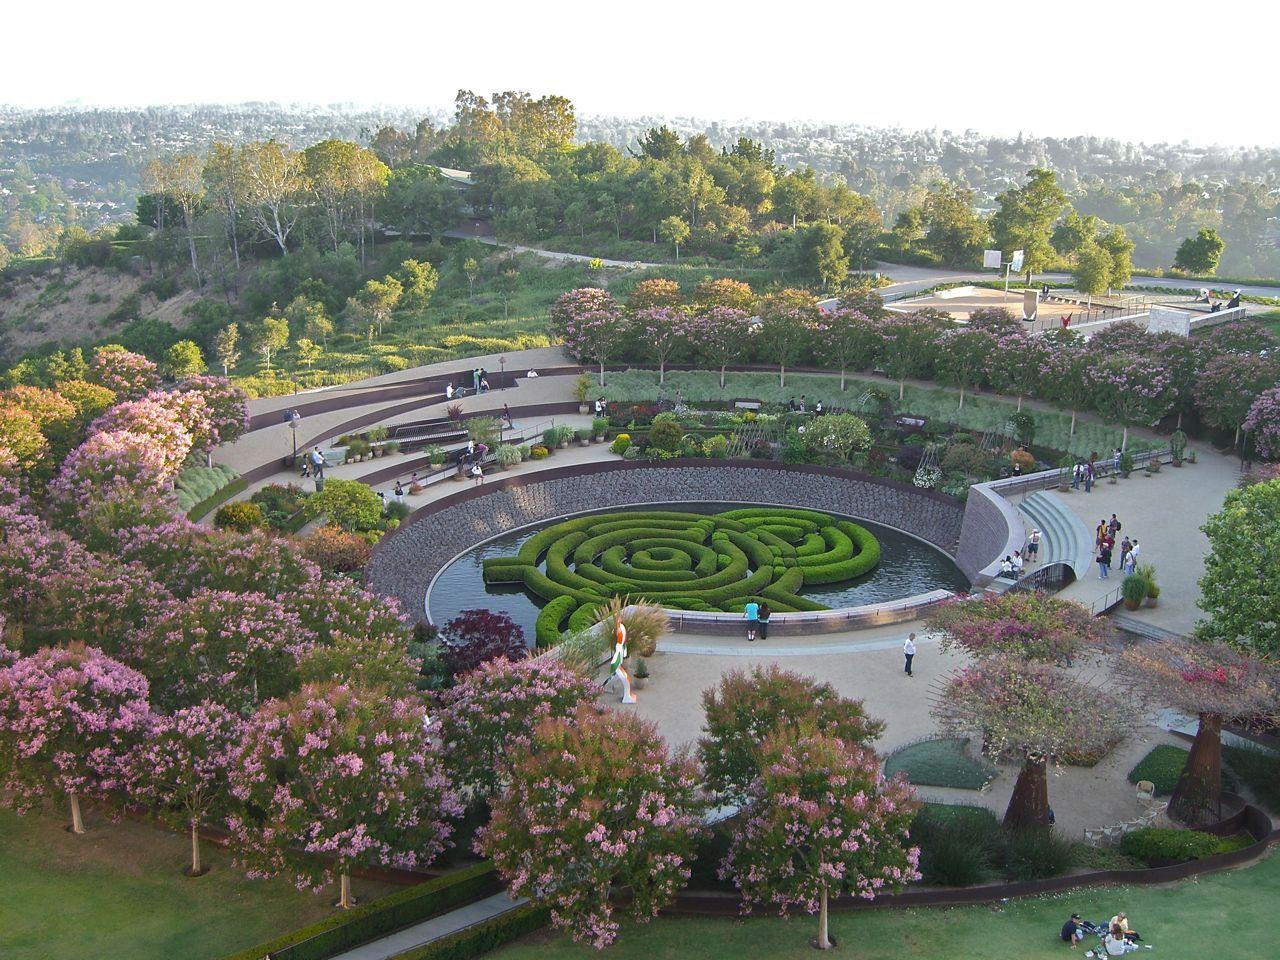 f9f581daba3ae3a0311dd0ffaaaddaeb - Hope Gardens Family Center Los Angeles